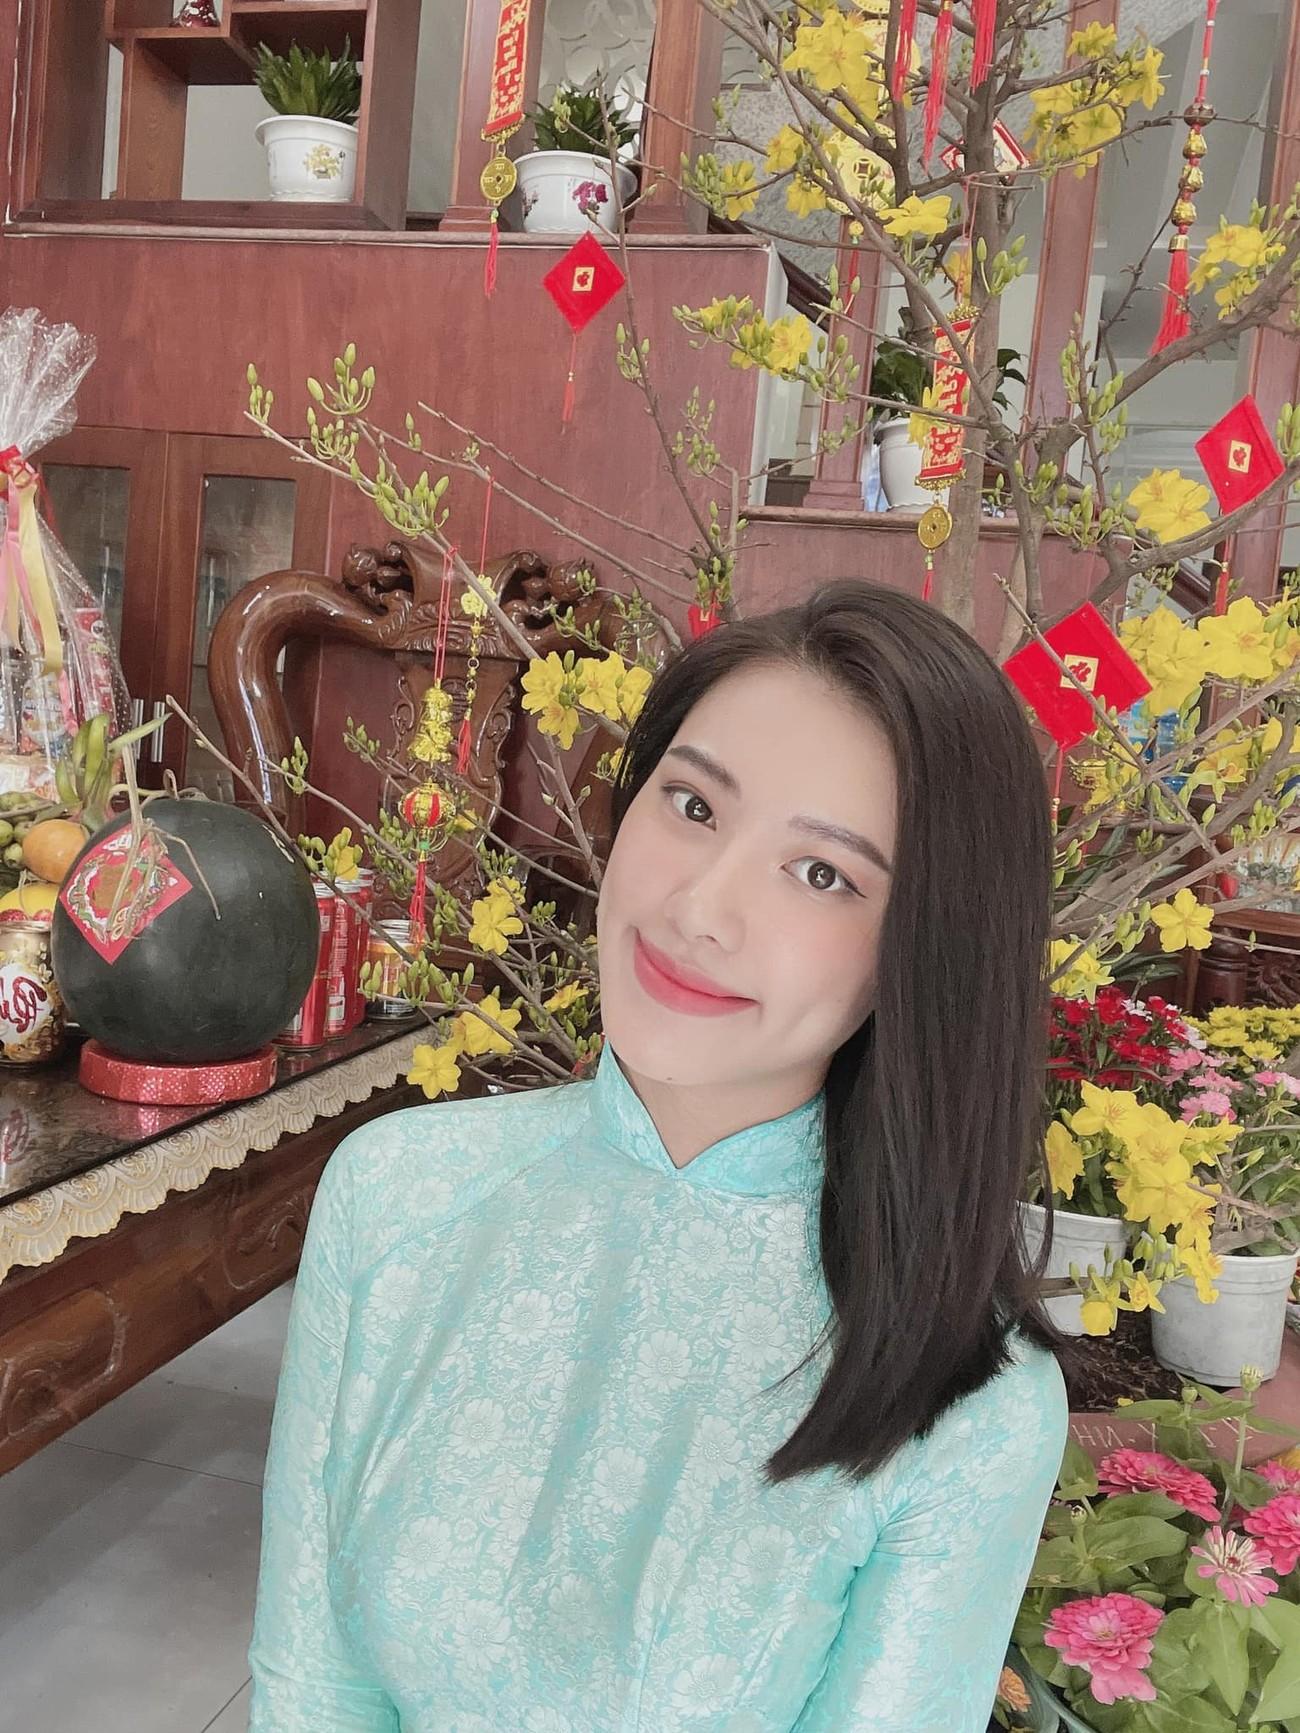 Hoa hậu Tiểu Vy khoe ảnh mẹ diện áo dài ngày mùng 1 Tết, fans trầm trồ vì nhan sắc trẻ đẹp ảnh 12